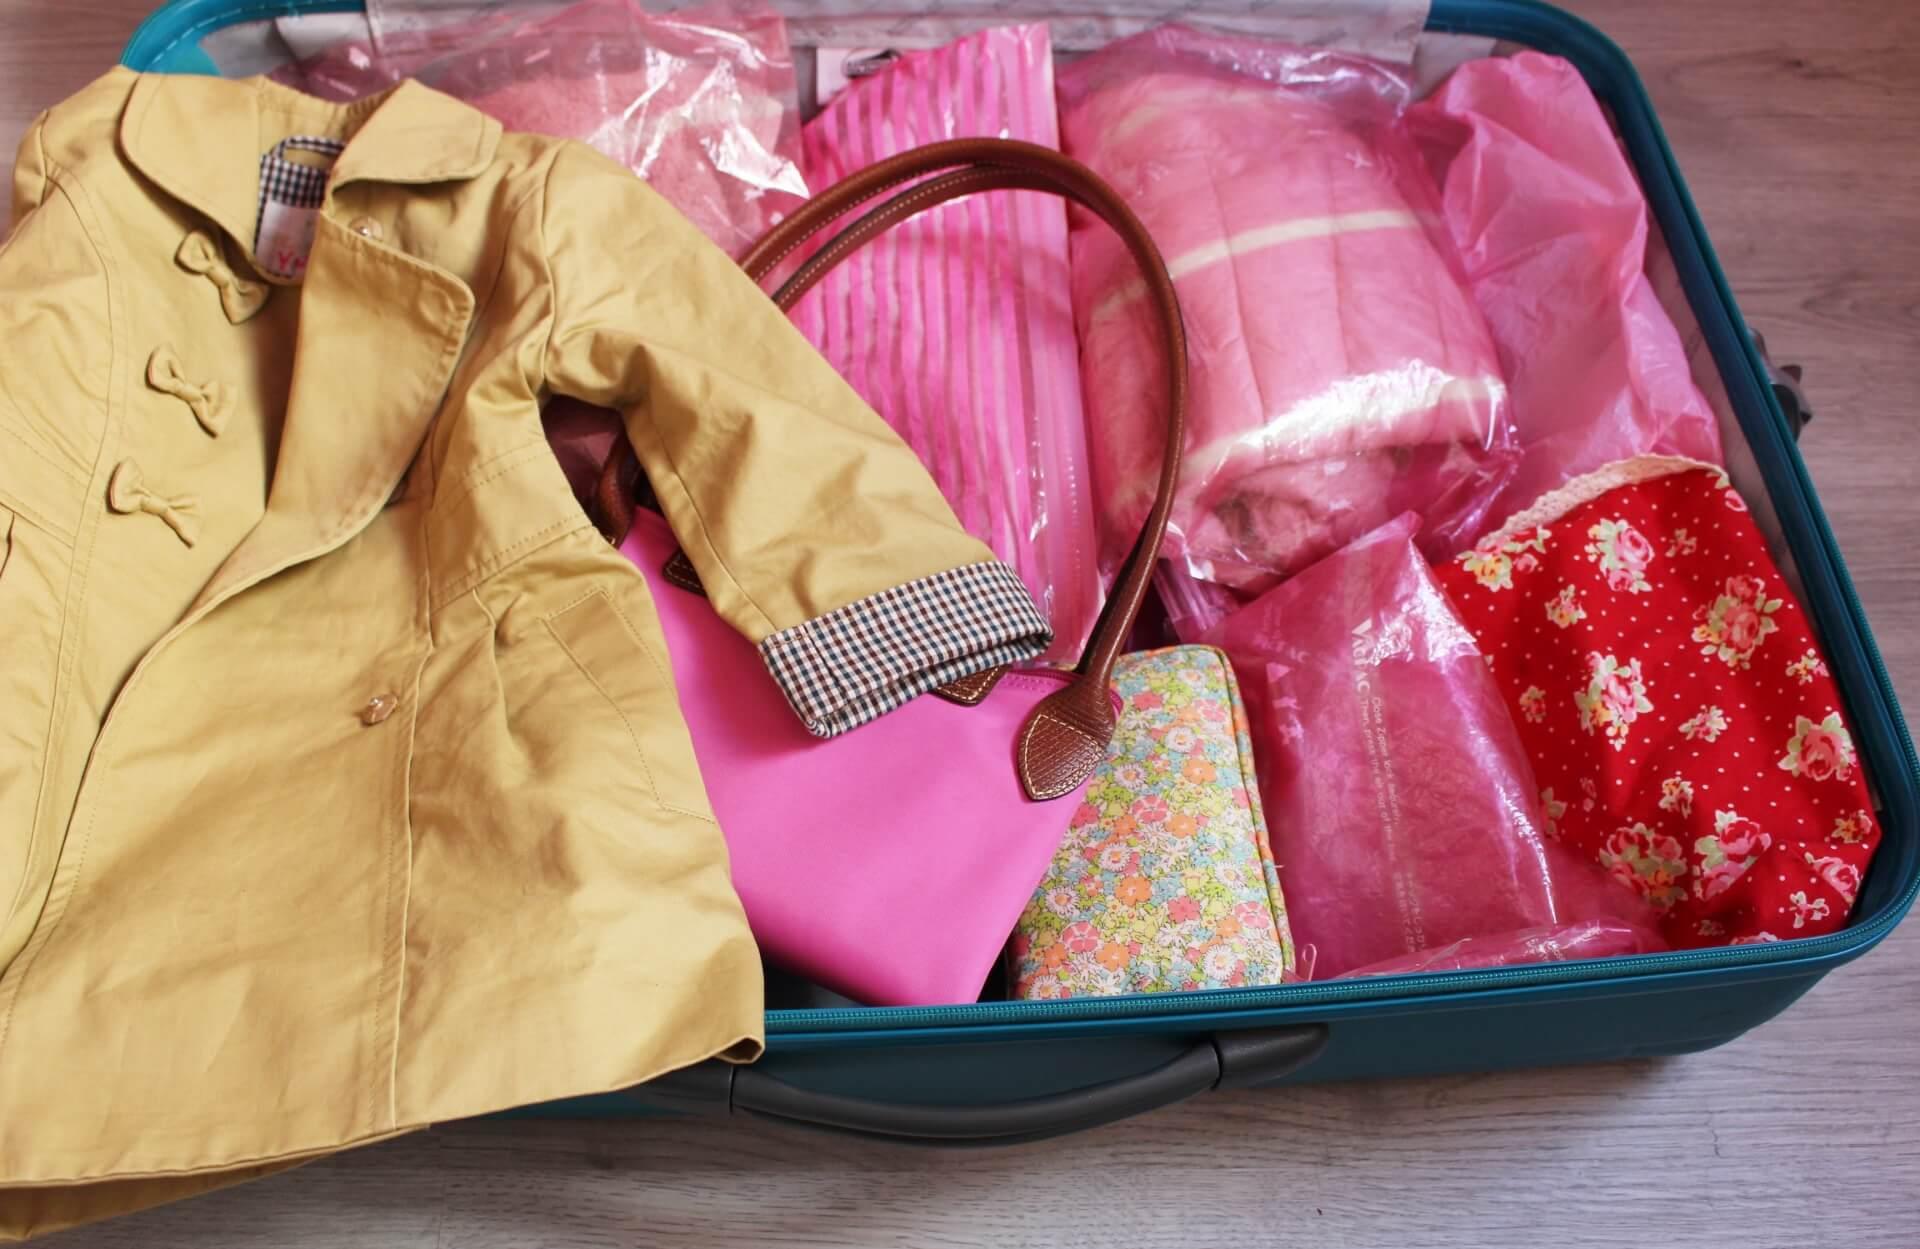 スーツケースの中身を万が一浸水してしまった時に備えて、ビニールパックや防水仕様ポーチに小分け